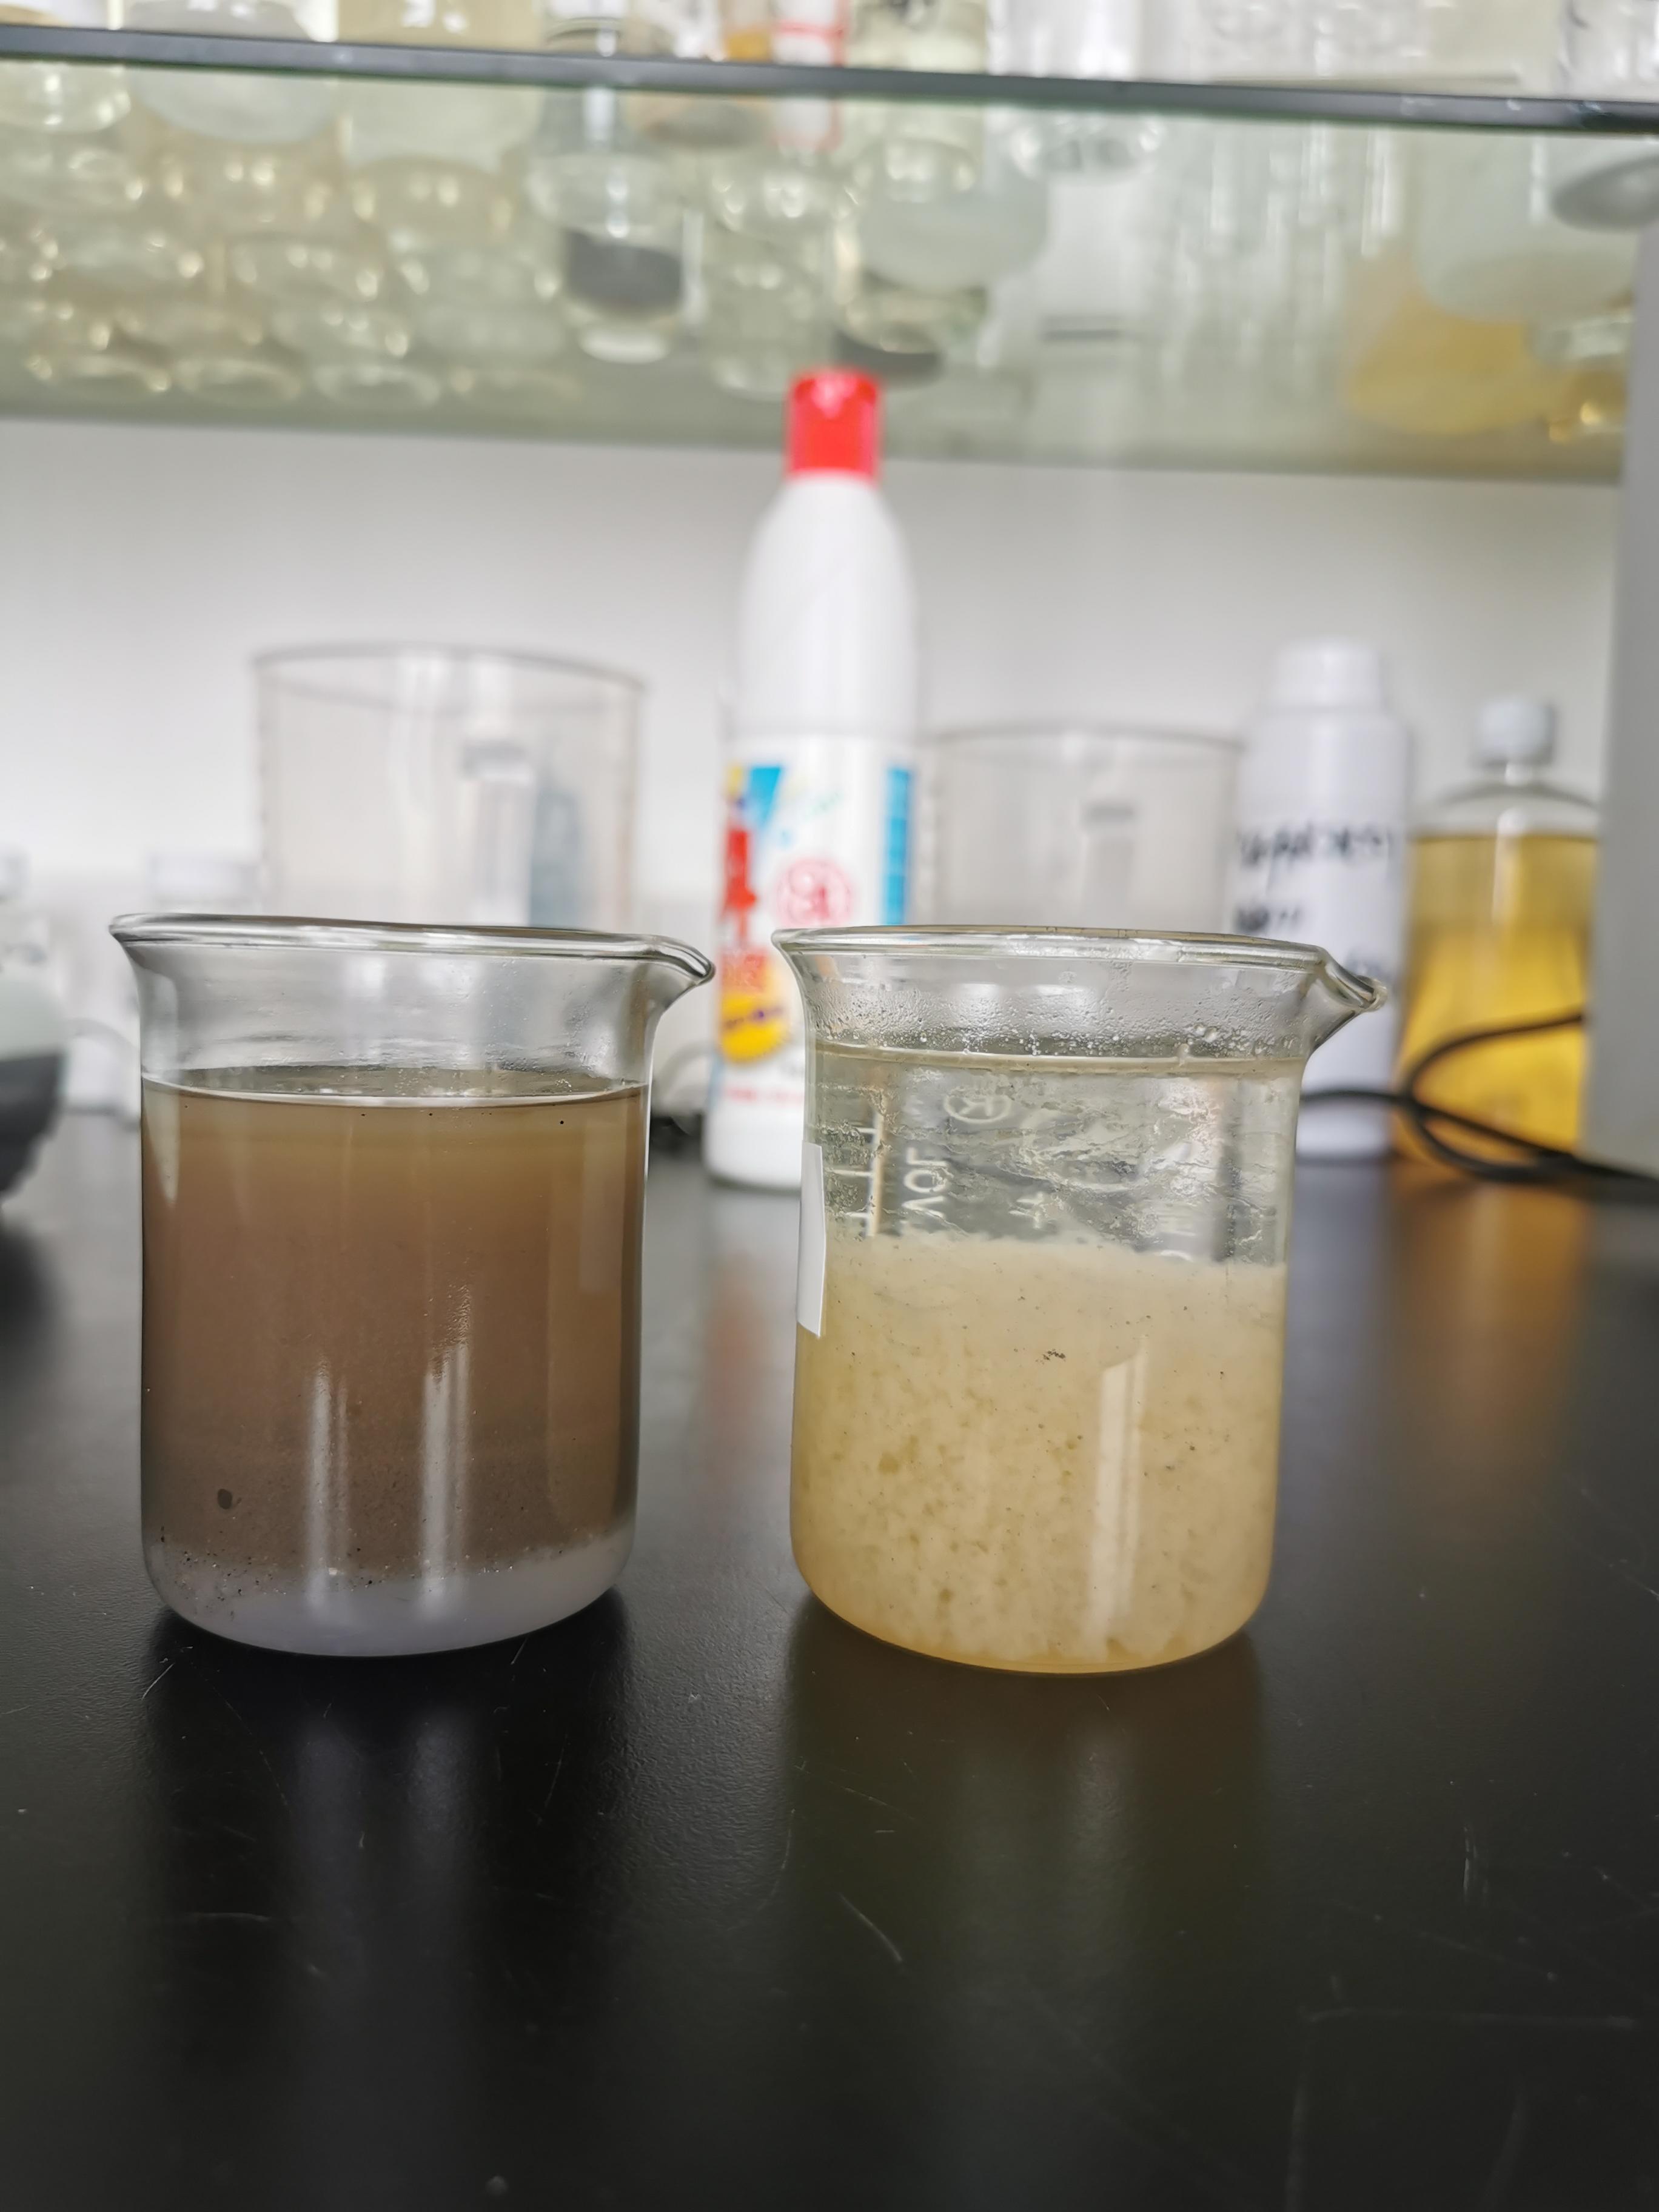 无锡田鑫化工--机械加工含油废水处理